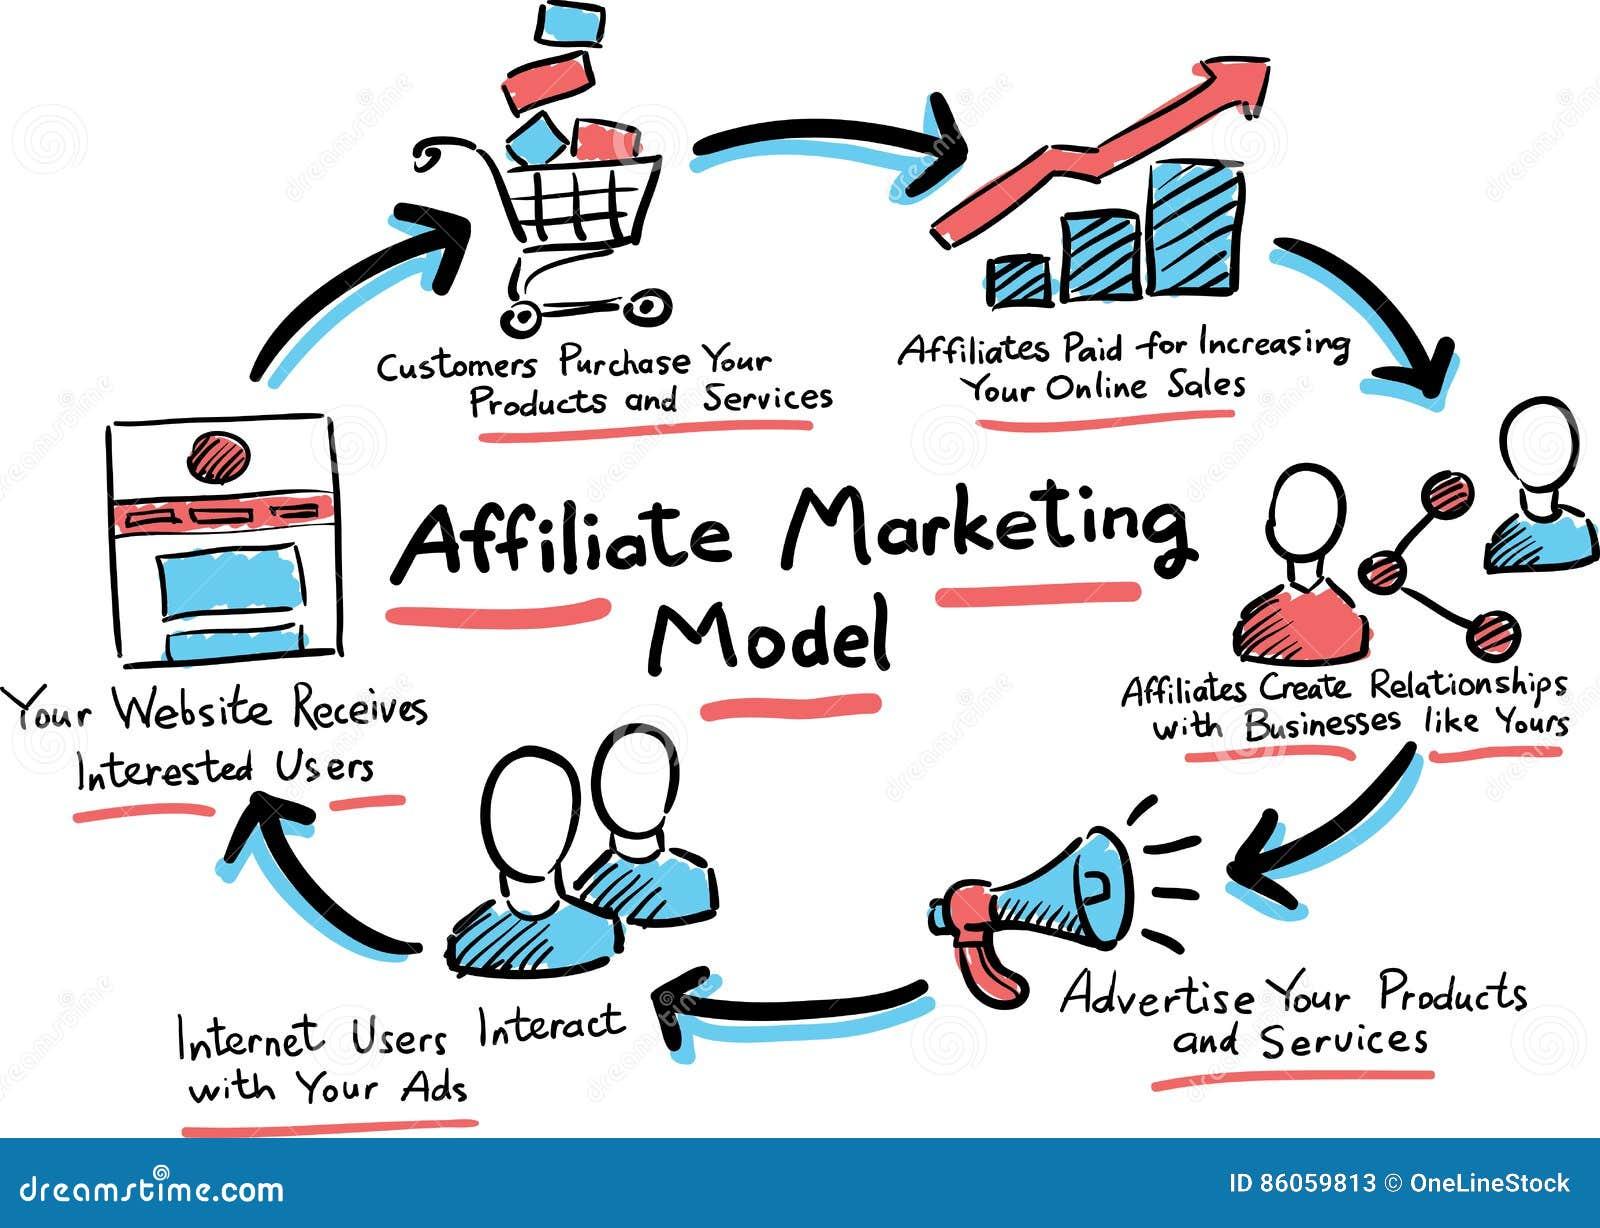 Image result for affiliate marketing model